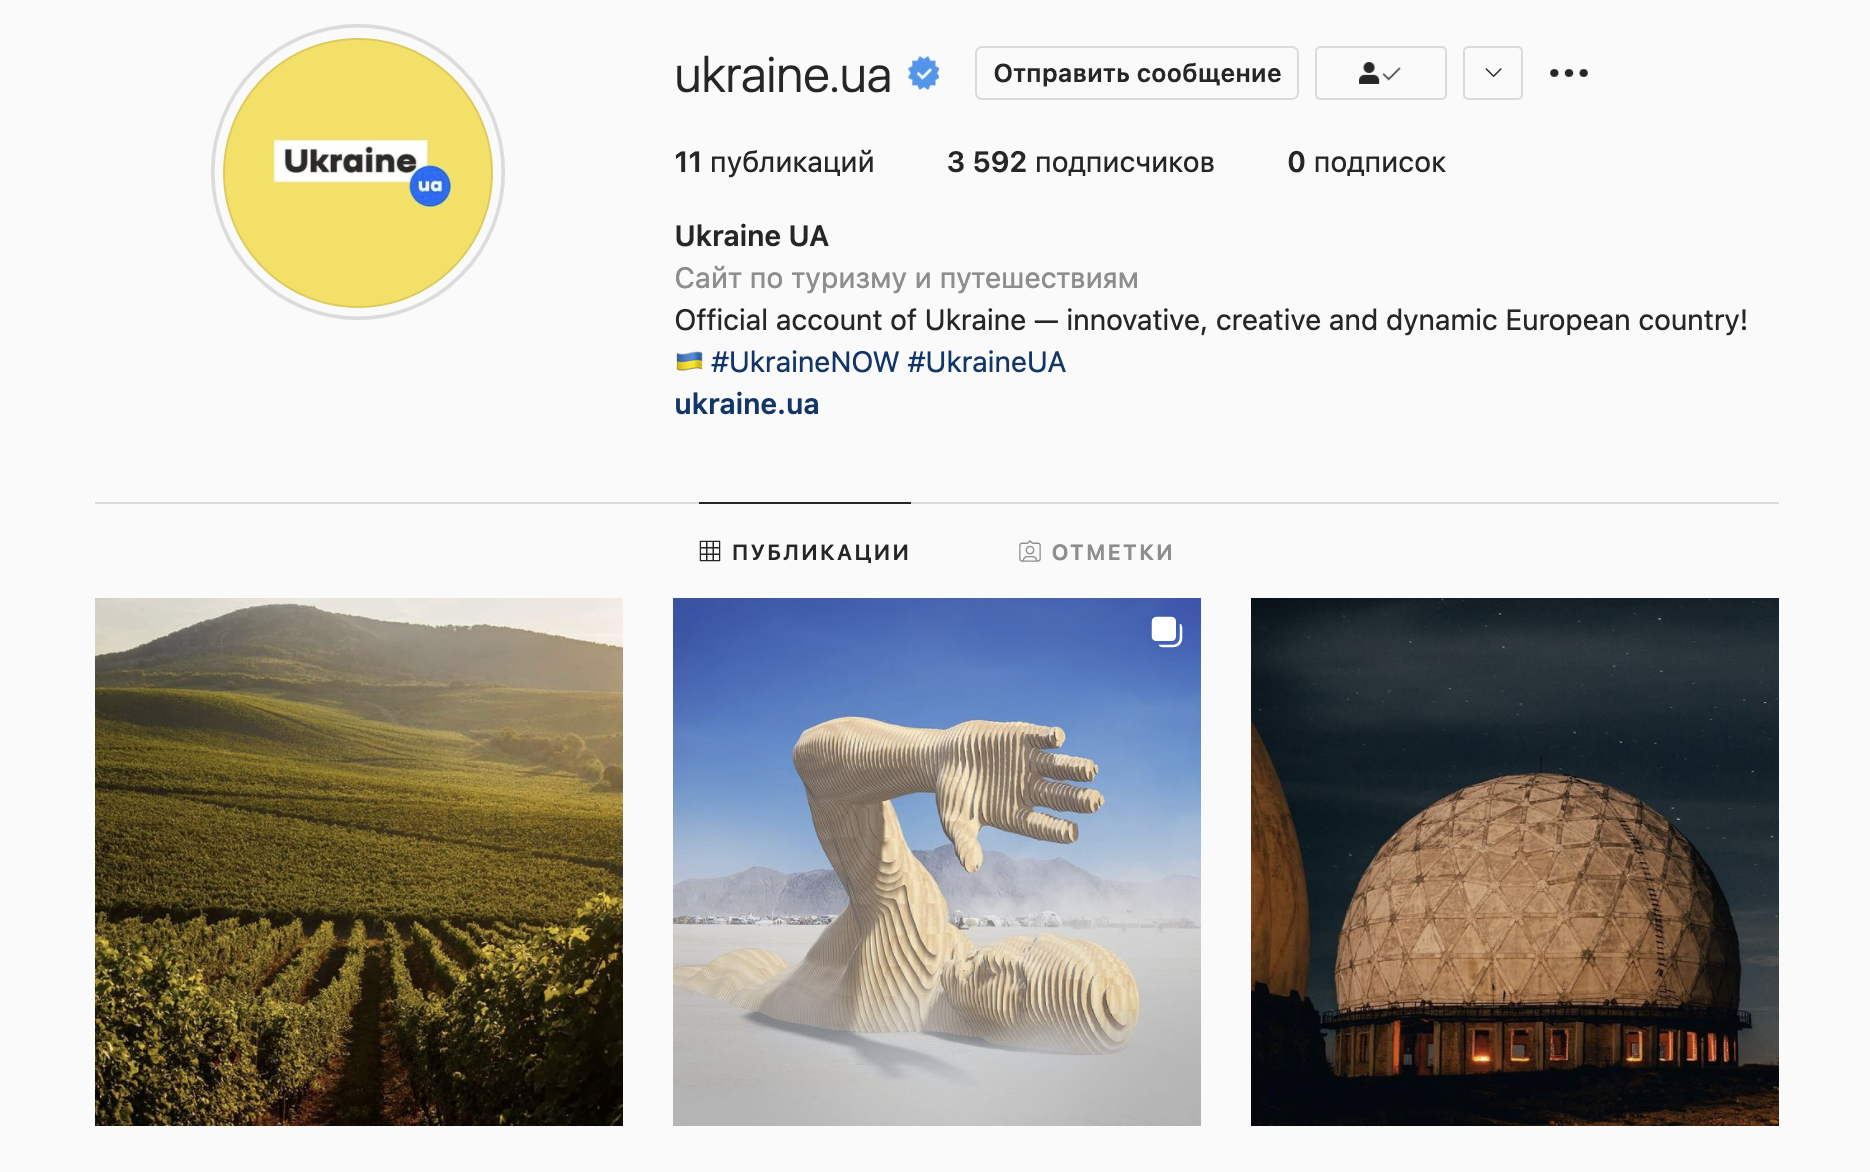 У Украины теперь есть официальная страница в Instagram - фото №1